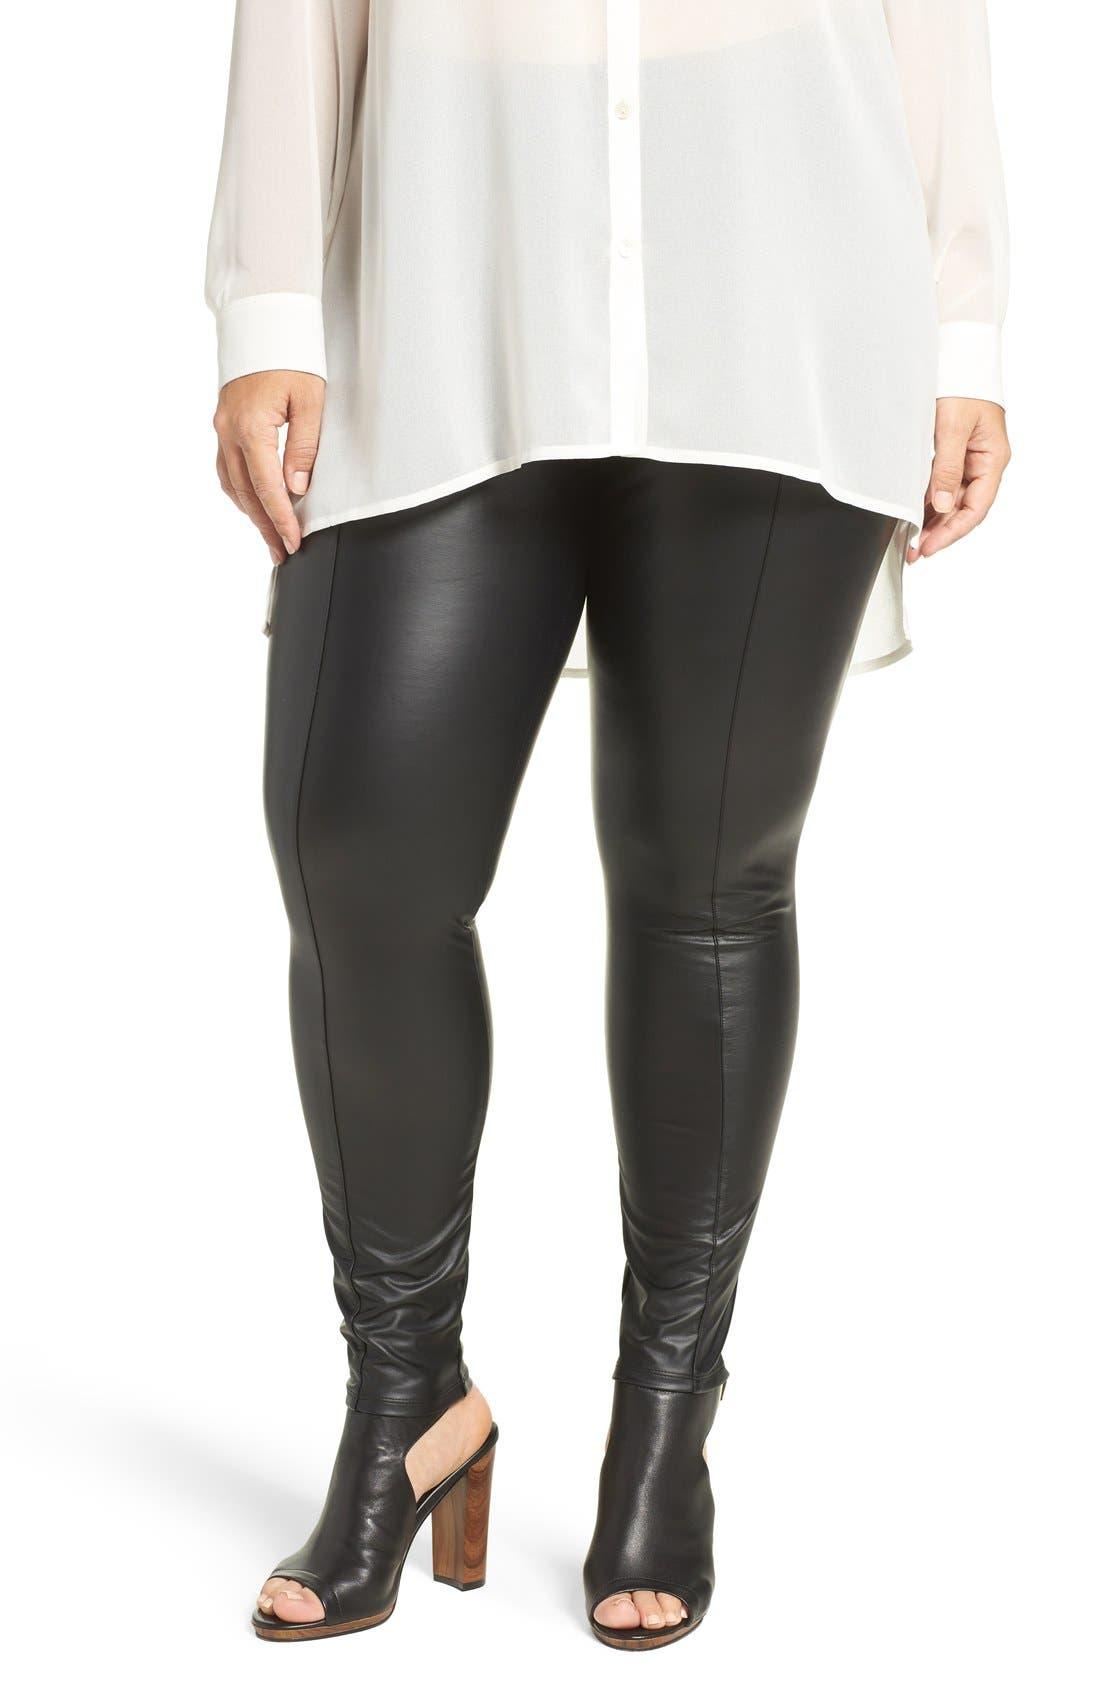 Alternate Image 1 Selected - Lyssé High Waist Faux Leather Leggings (Plus Size)